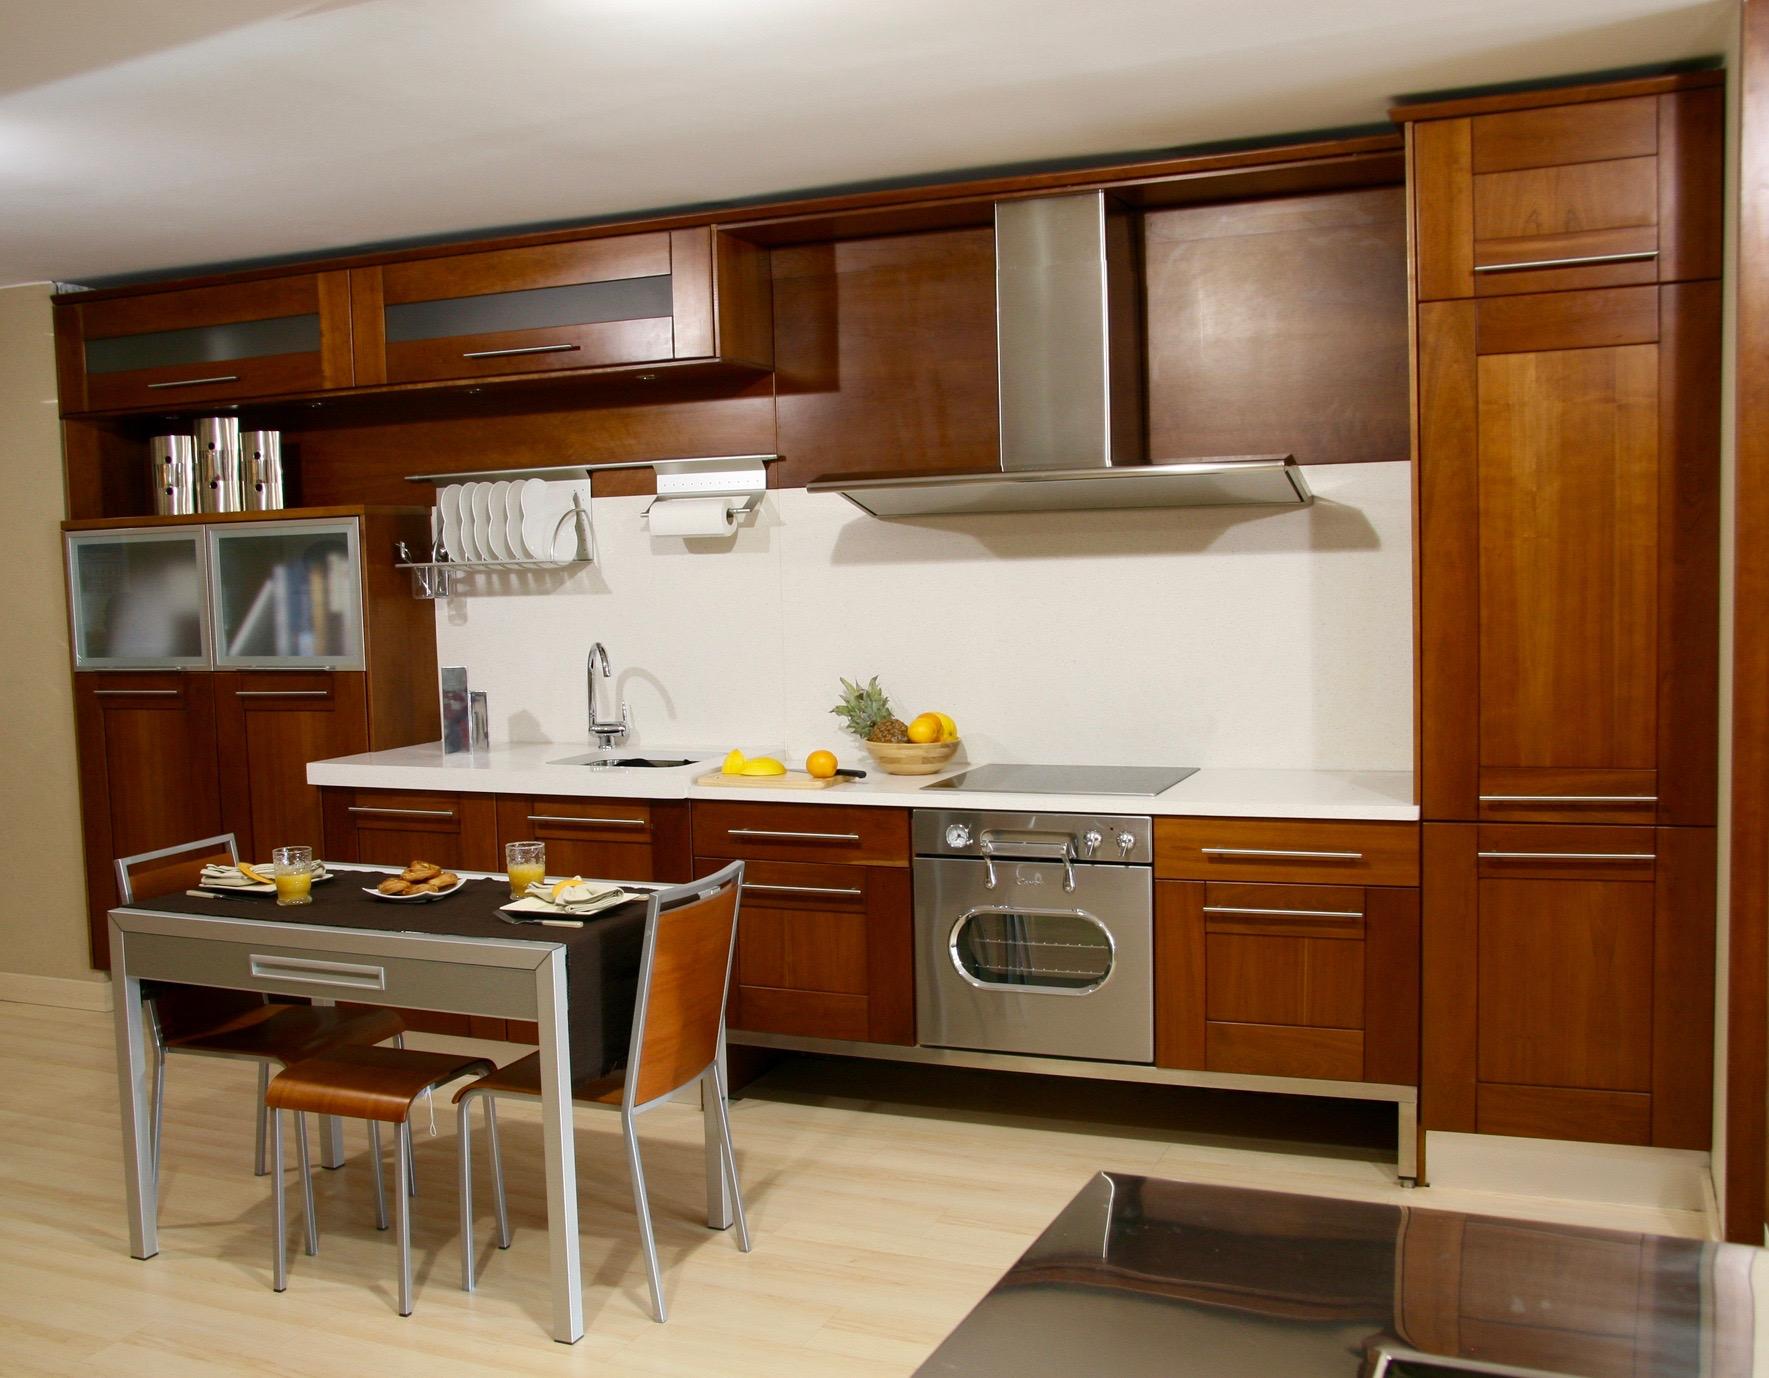 Nuestras cocinas premium08 josman hermanos tienda de for Cocinas santander